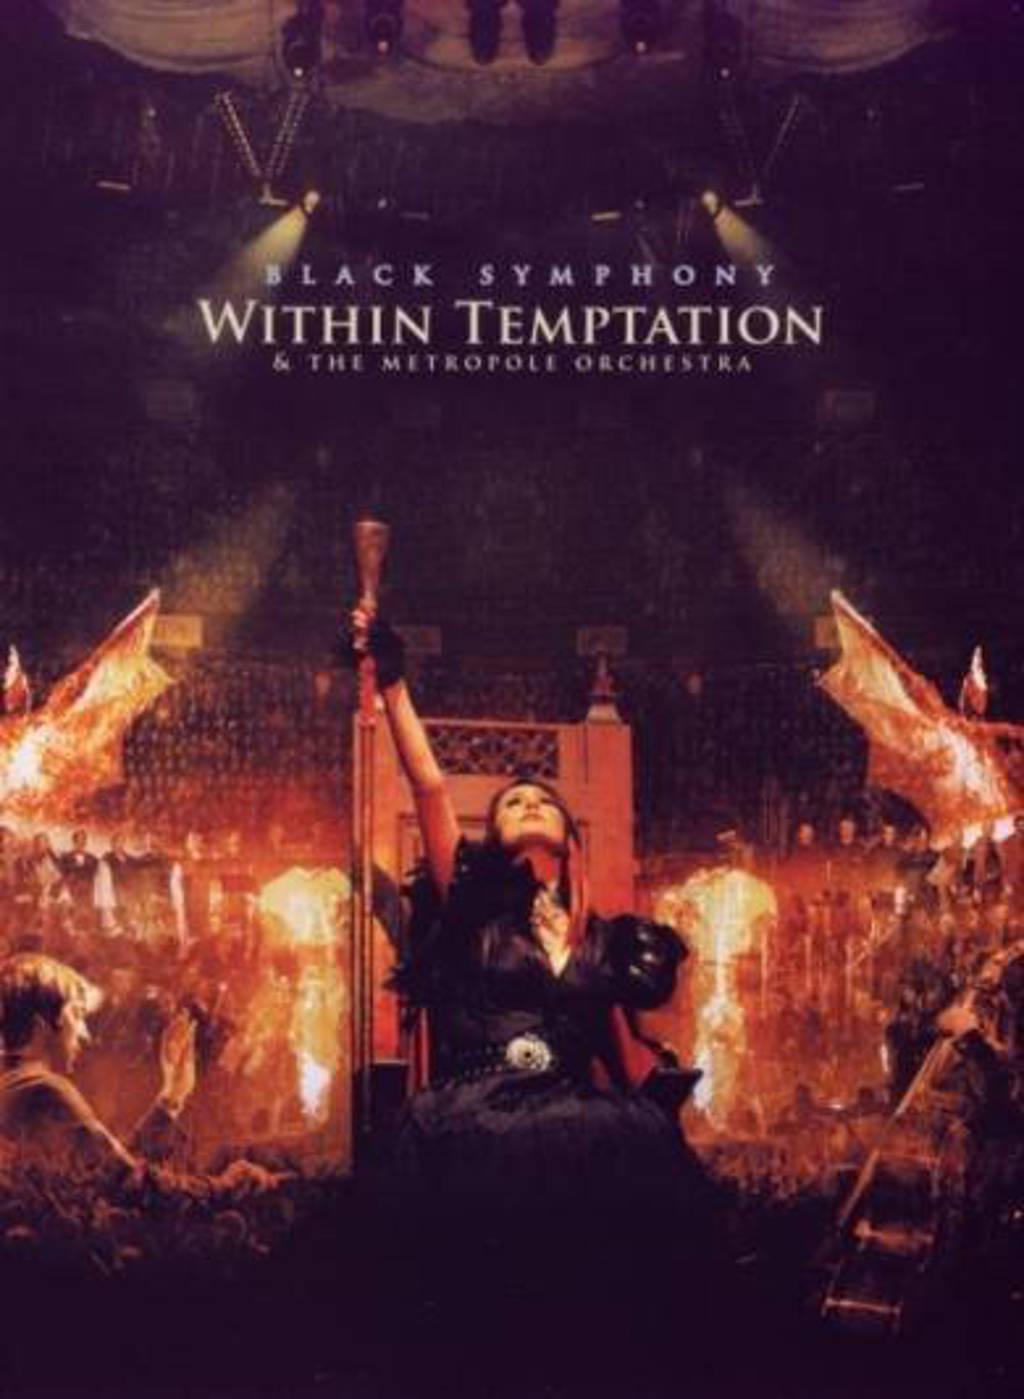 Within Temptation - Black symphony (DVD)